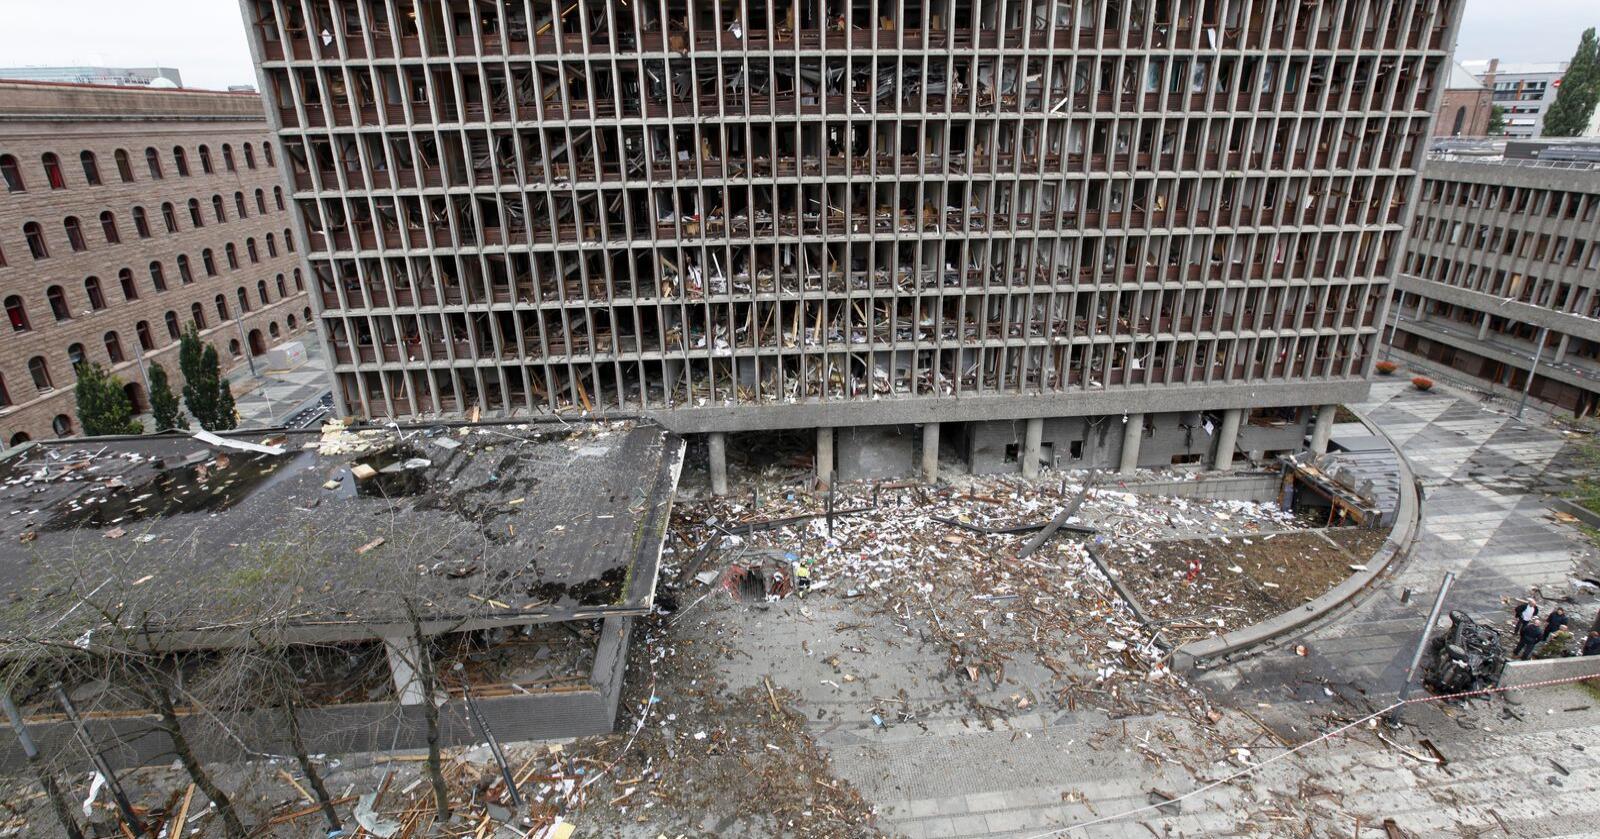 Bilde av Høyblokka i regjeringskvartalet tatt 23. juli 2011, dagen etter at bomben gikk av. Midt i bildet ses hullet hvor bombebilen var plassert. Foto: Grete Waltoft/ KRIPOS/ Scanpix